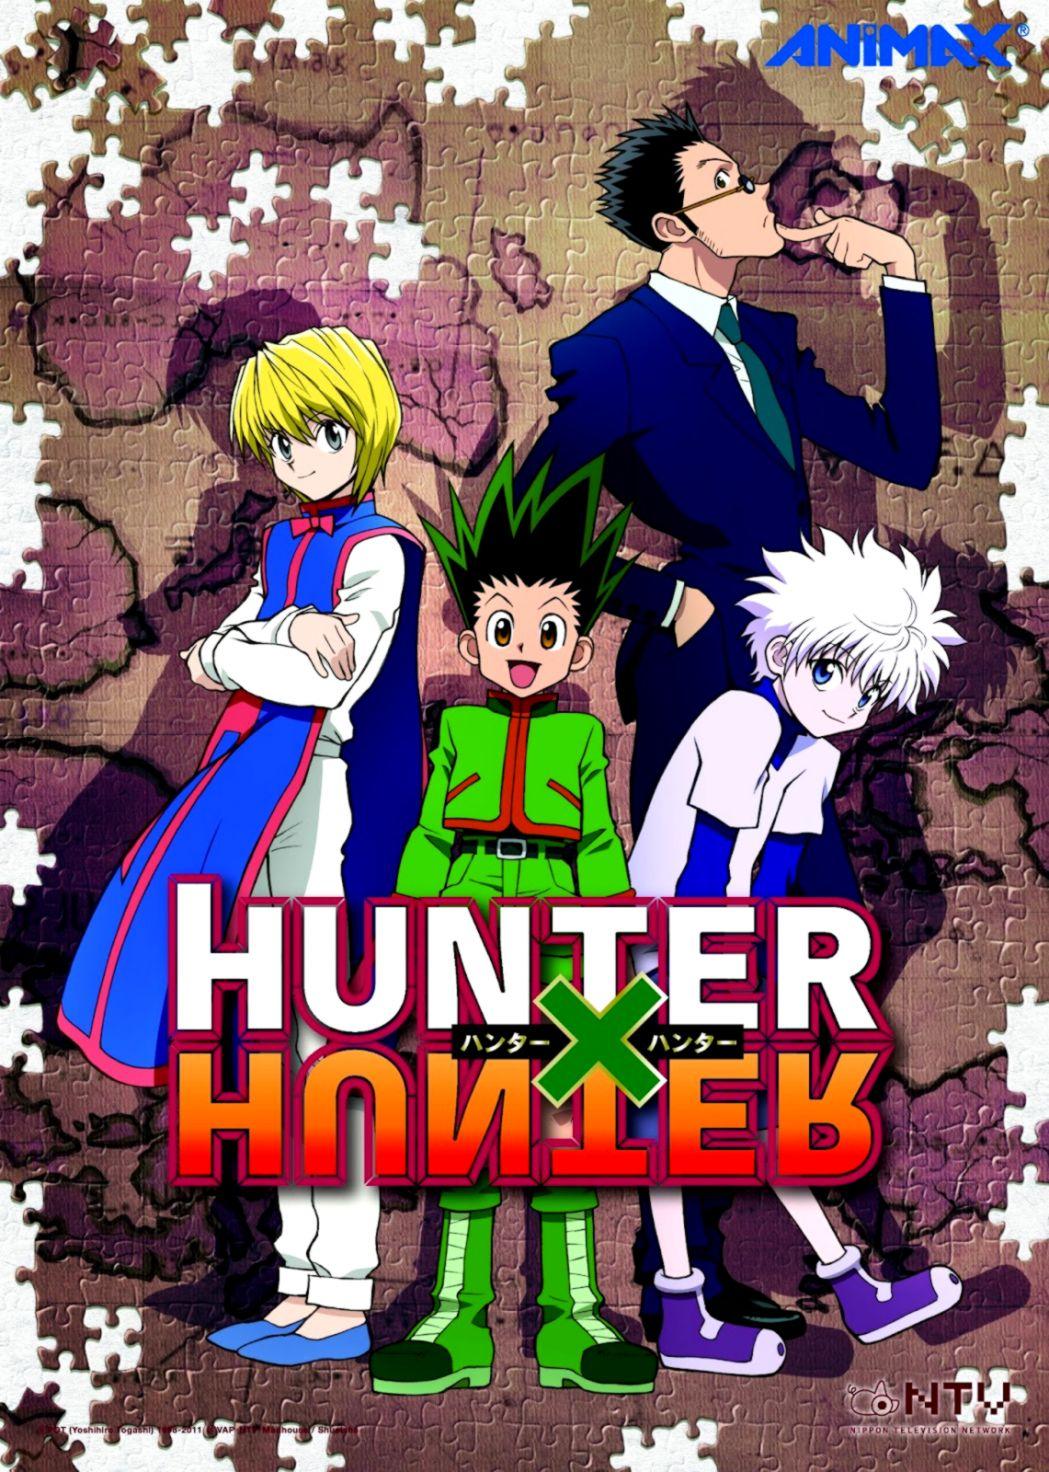 Hunter X Hunter Wallpapers Minimalist